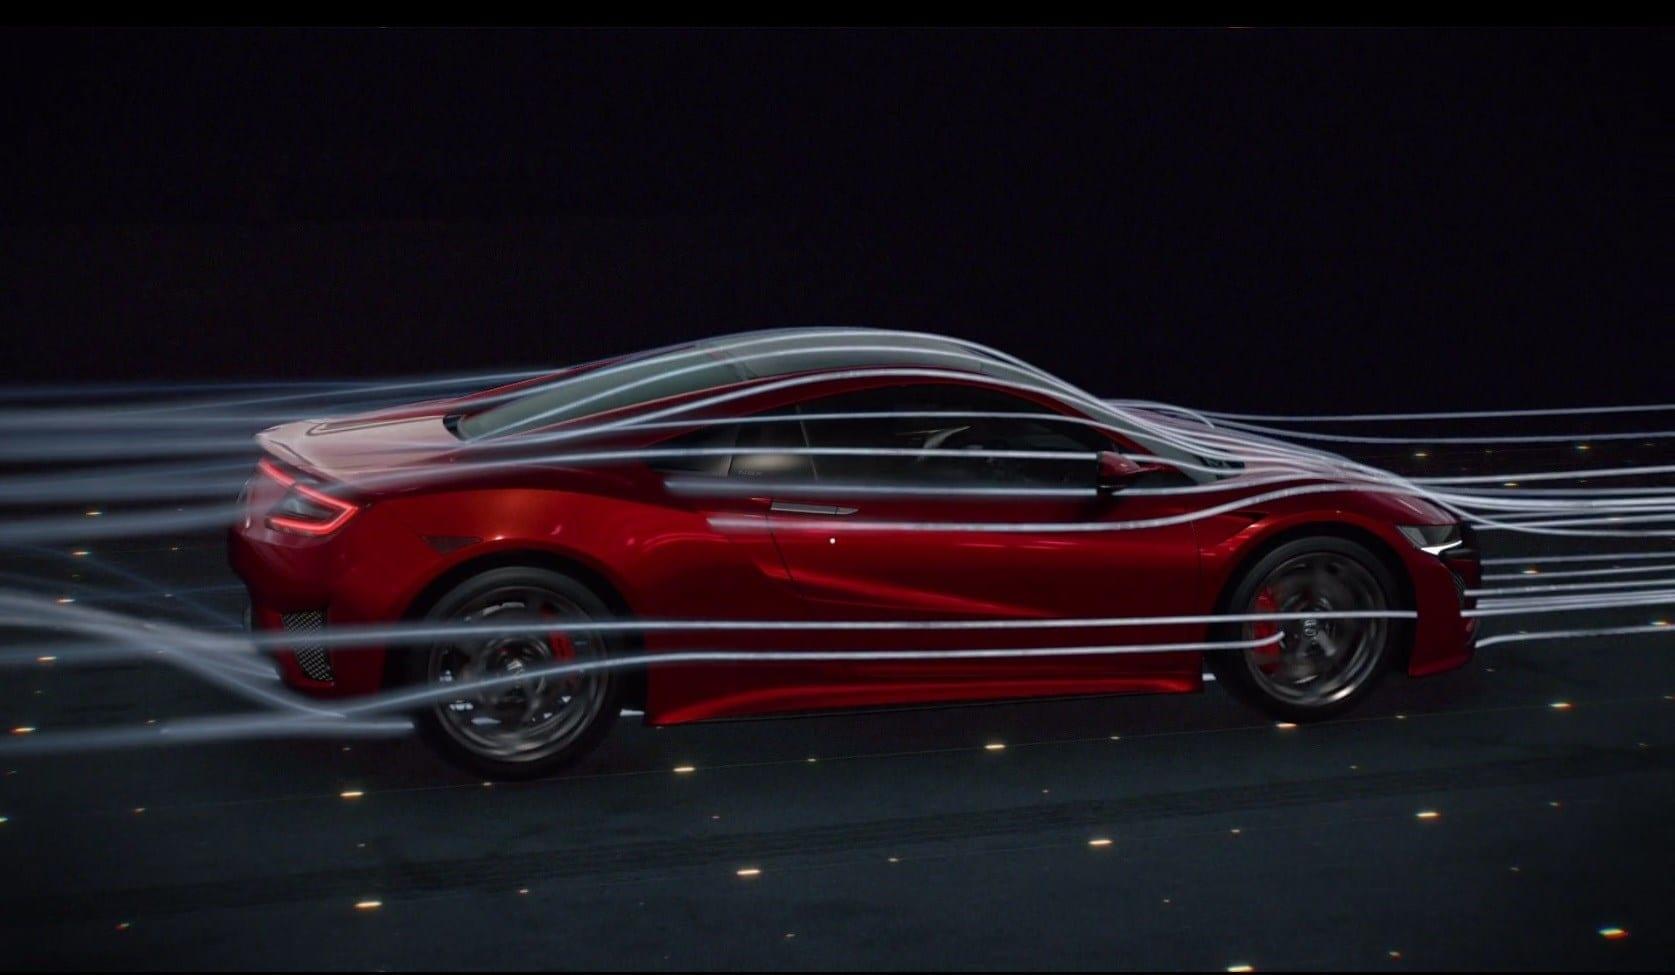 """De carrosserie van de NSX is aerodynamisch perfect en leidt de luchtstroom zo dat prestaties, koeling en neerwaartse kracht worden verbeterd. We noemen het """"verweven dynamiek"""" – het is kunst in beweging."""